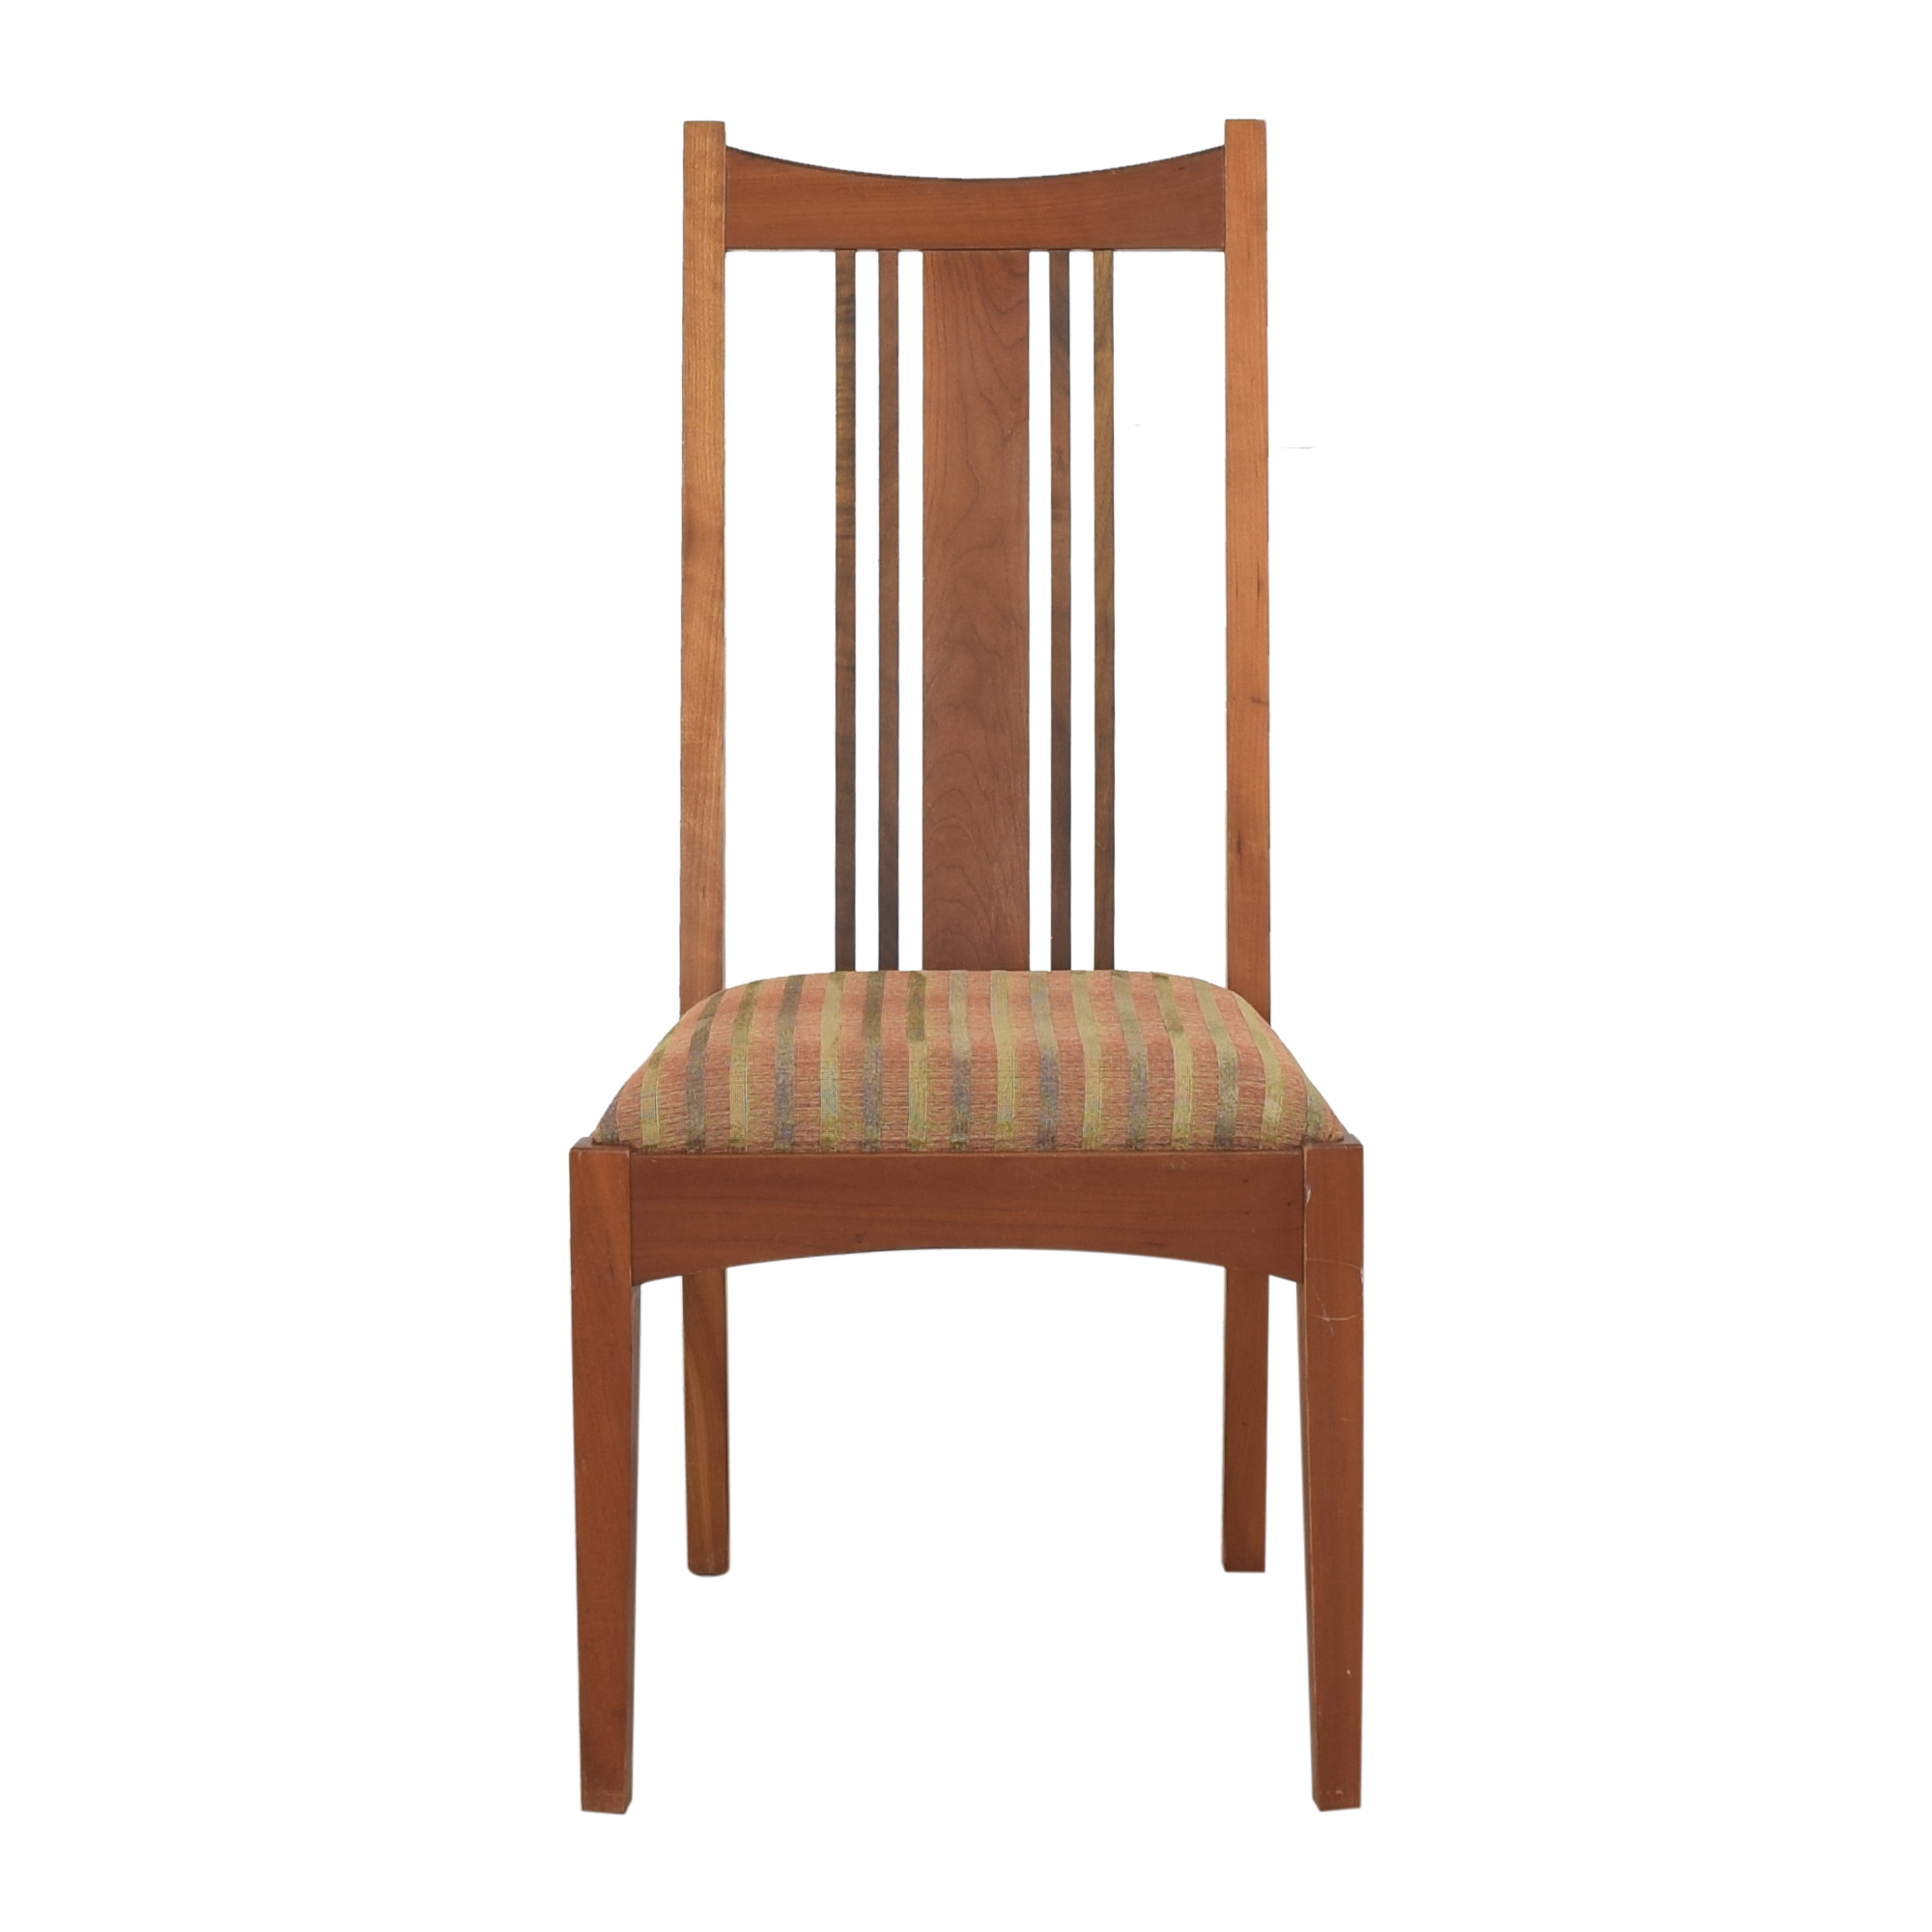 Stickley Furniture Stickley Furniture Metropolitan Side Chair pa